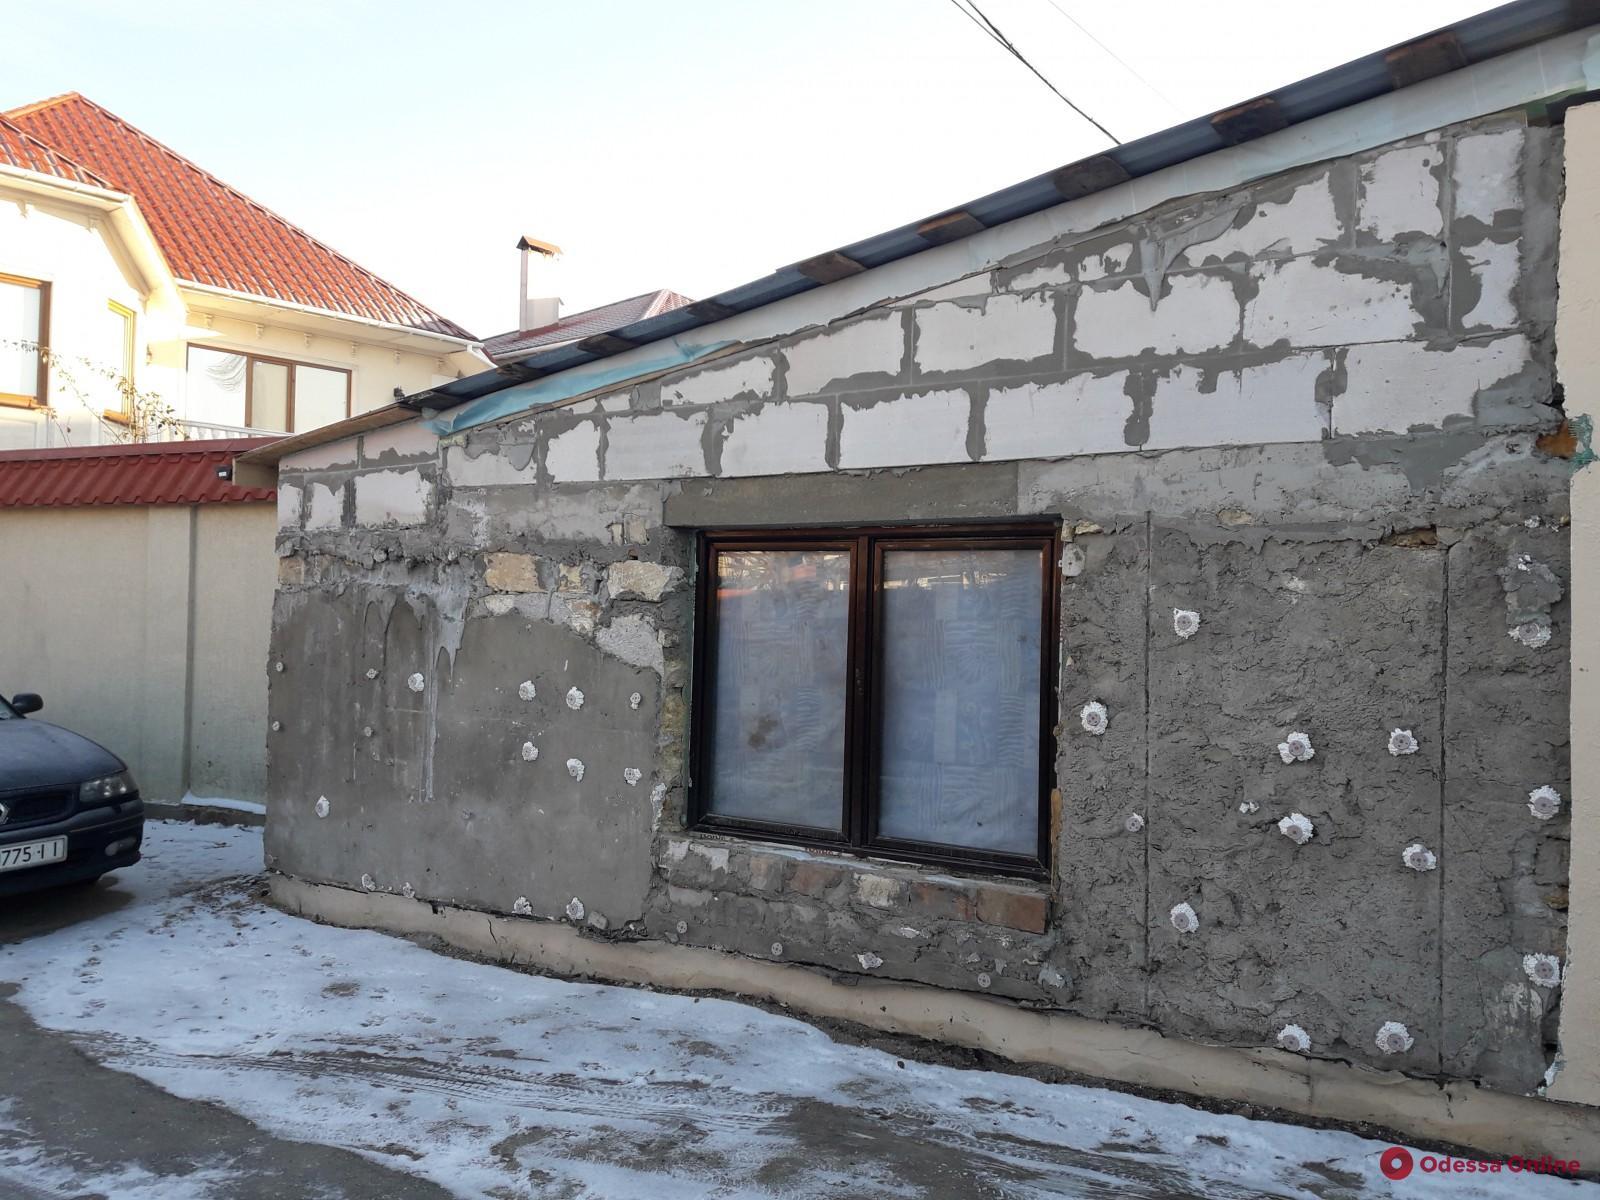 Одесса: ГАСК оштрафовал нарушителей на миллион гривен